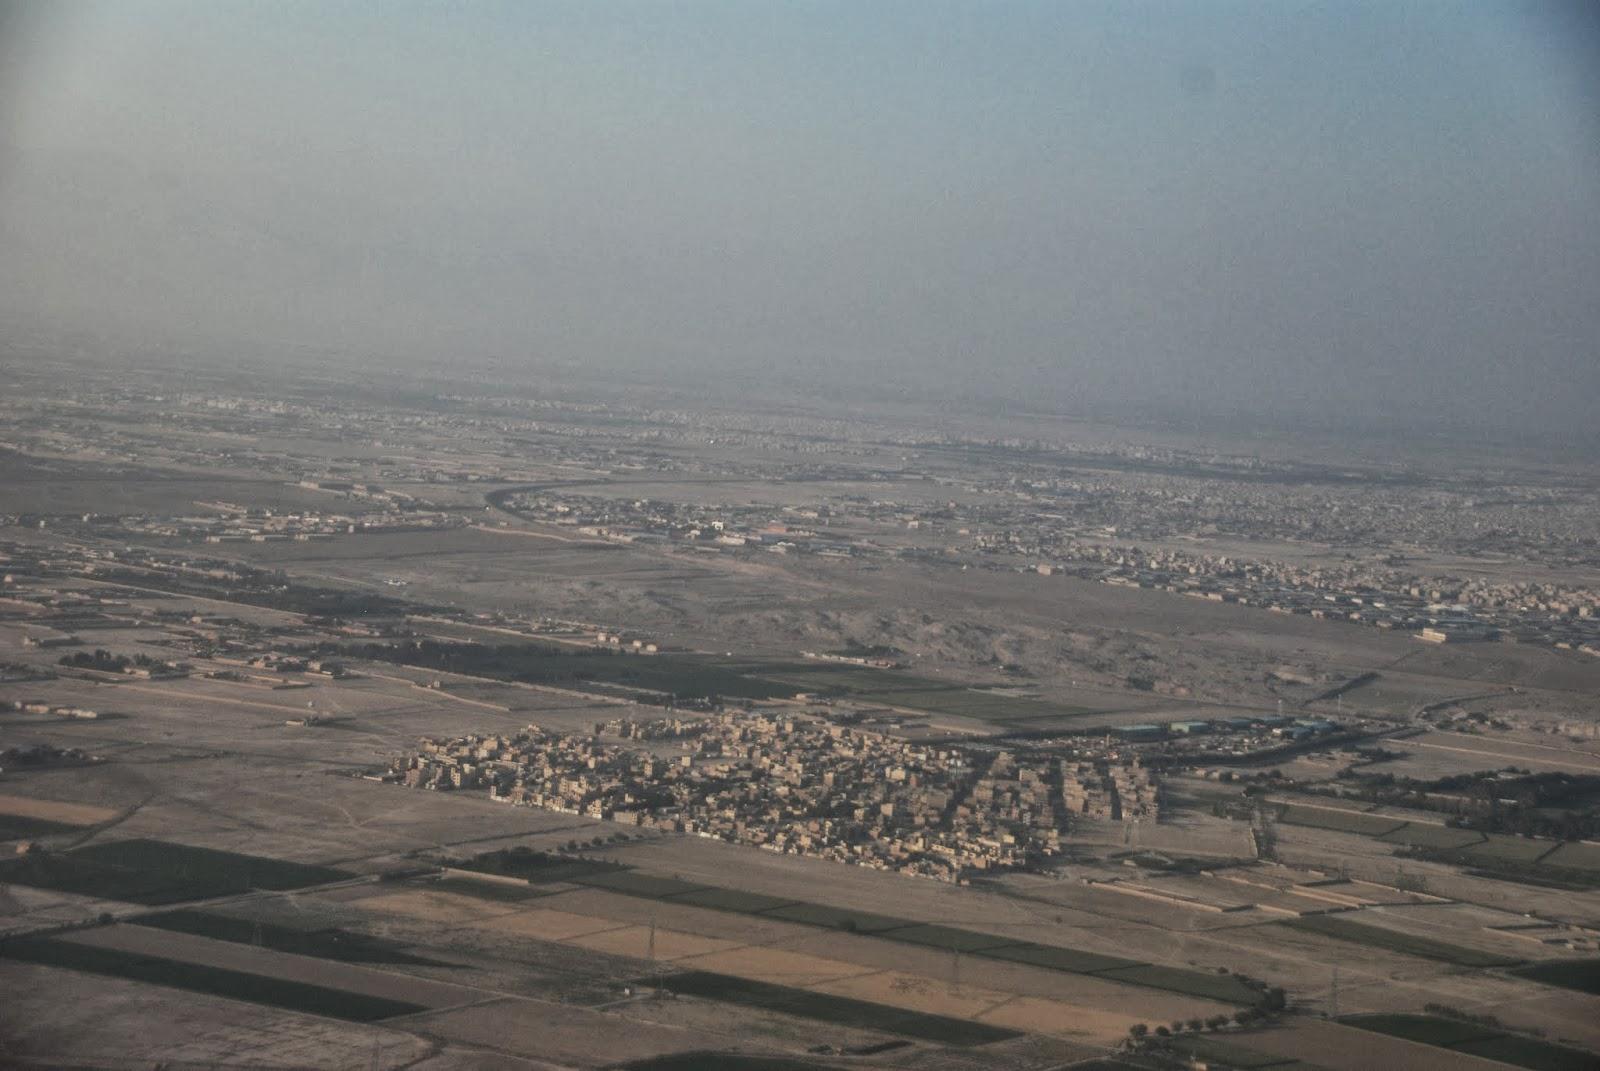 旅行日記: Day44 德黑蘭-阿拉伯聯合大公國阿布達比(Abu Dhabi)